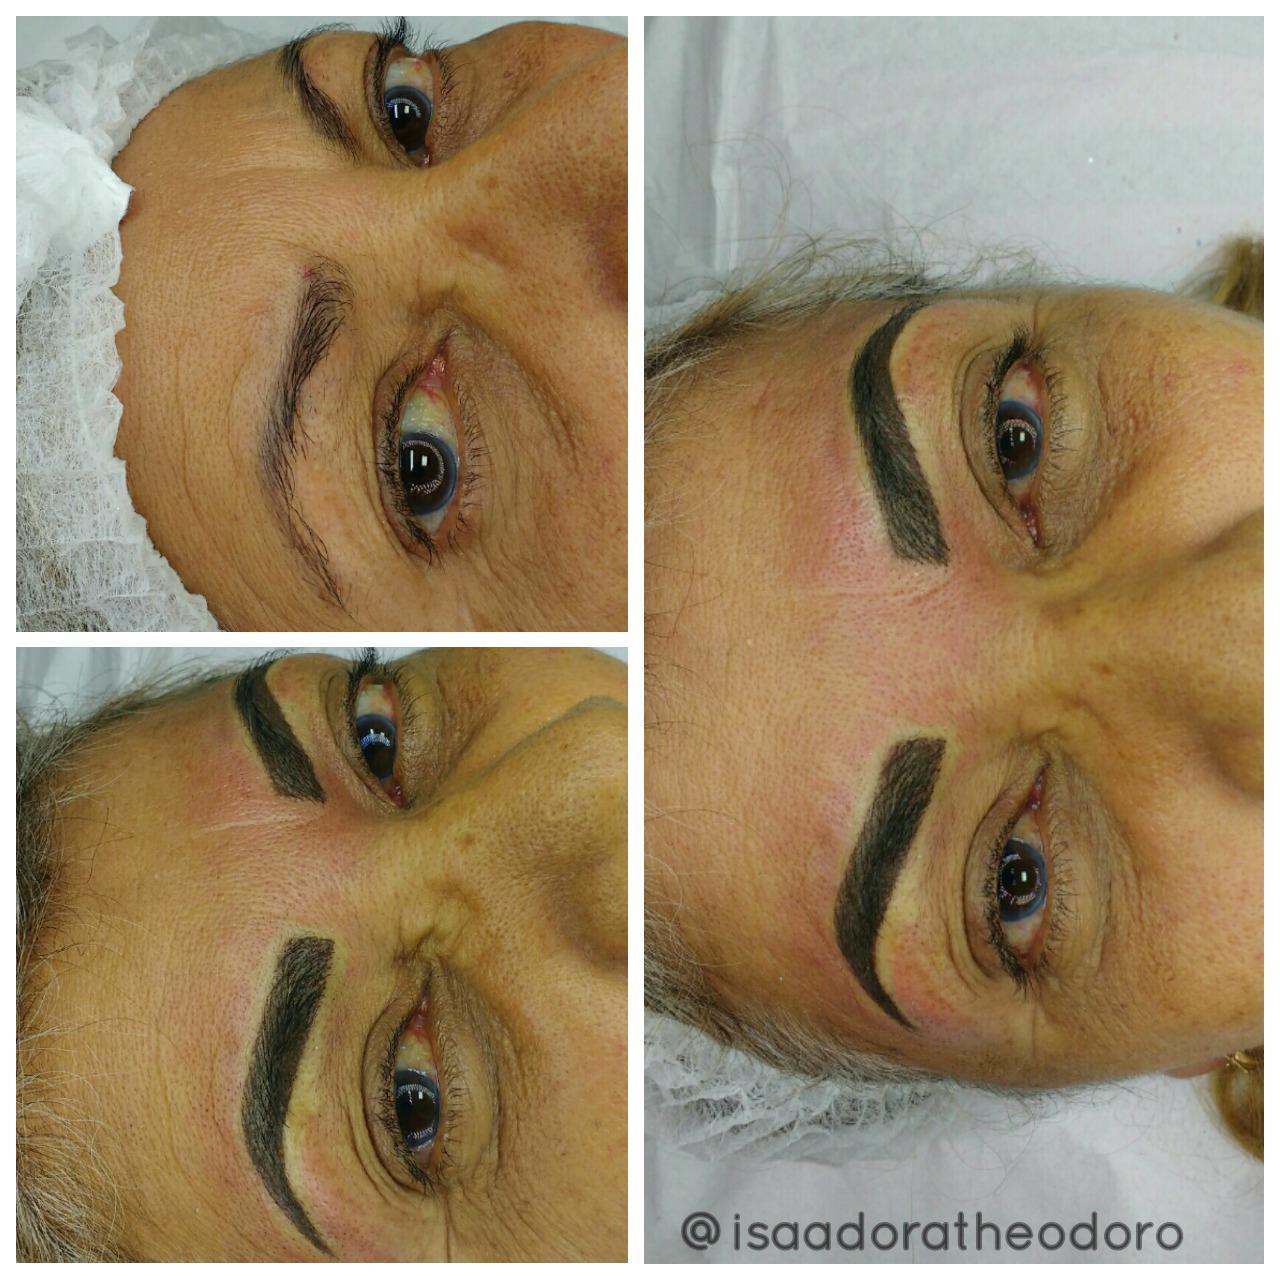 Valorizando o olhar com micropigmentação fio a fio + ombré shadow 😍 estética designer de sobrancelhas maquiador(a) micropigmentador(a)